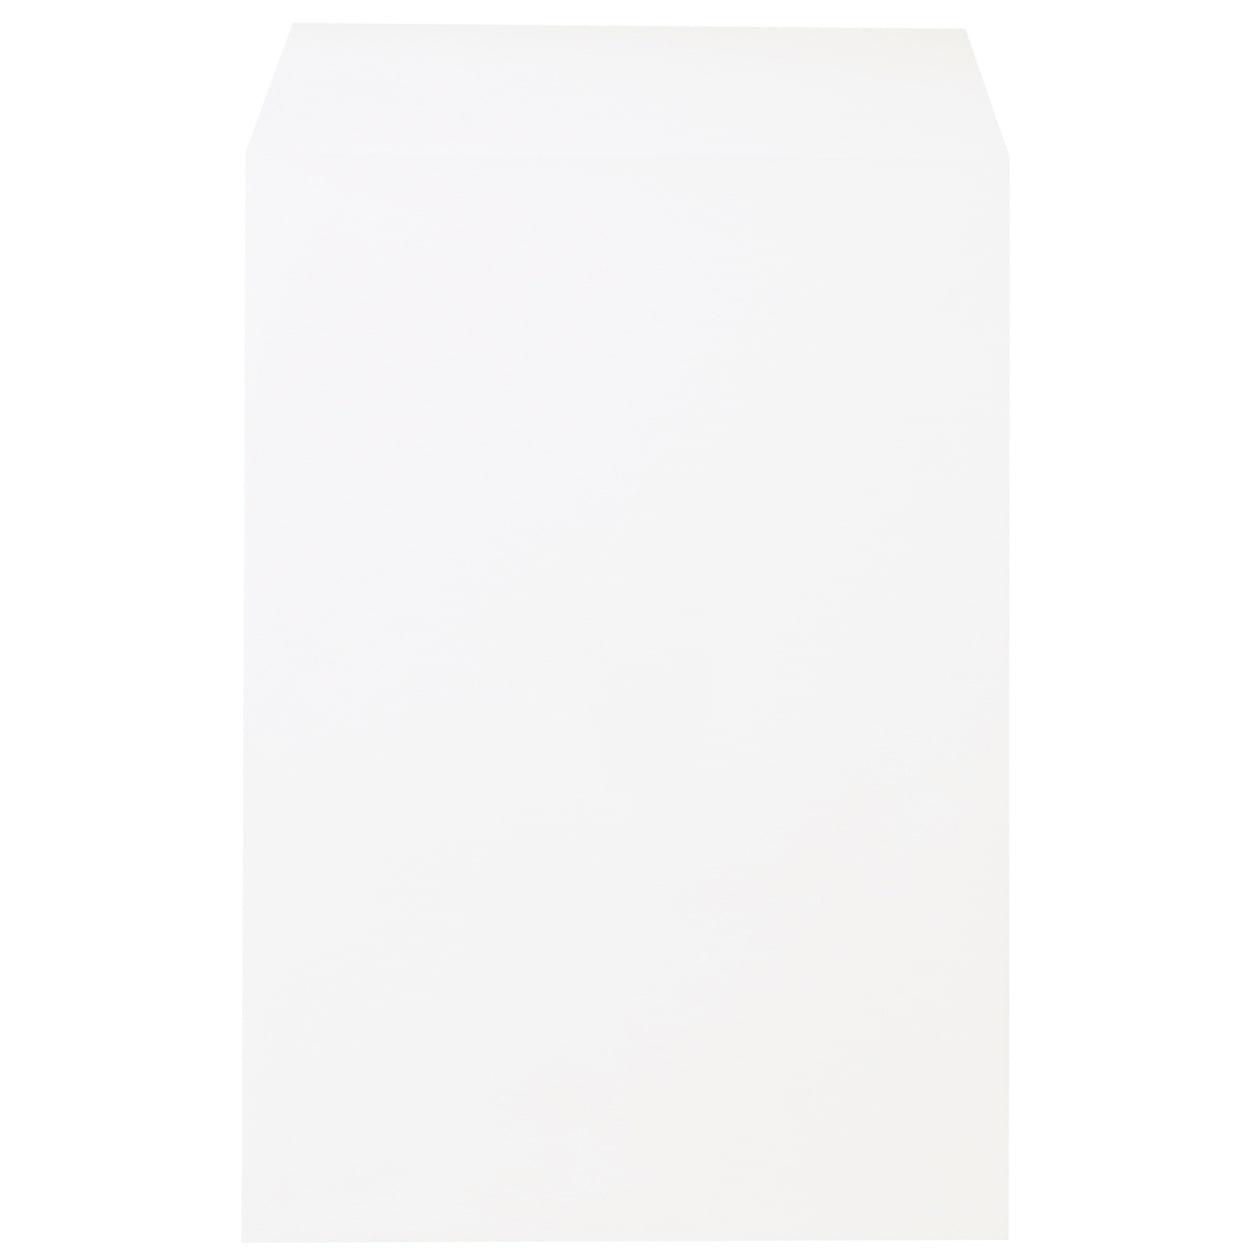 C3タテ封筒 コットン スノーホワイト 116.3g センター貼